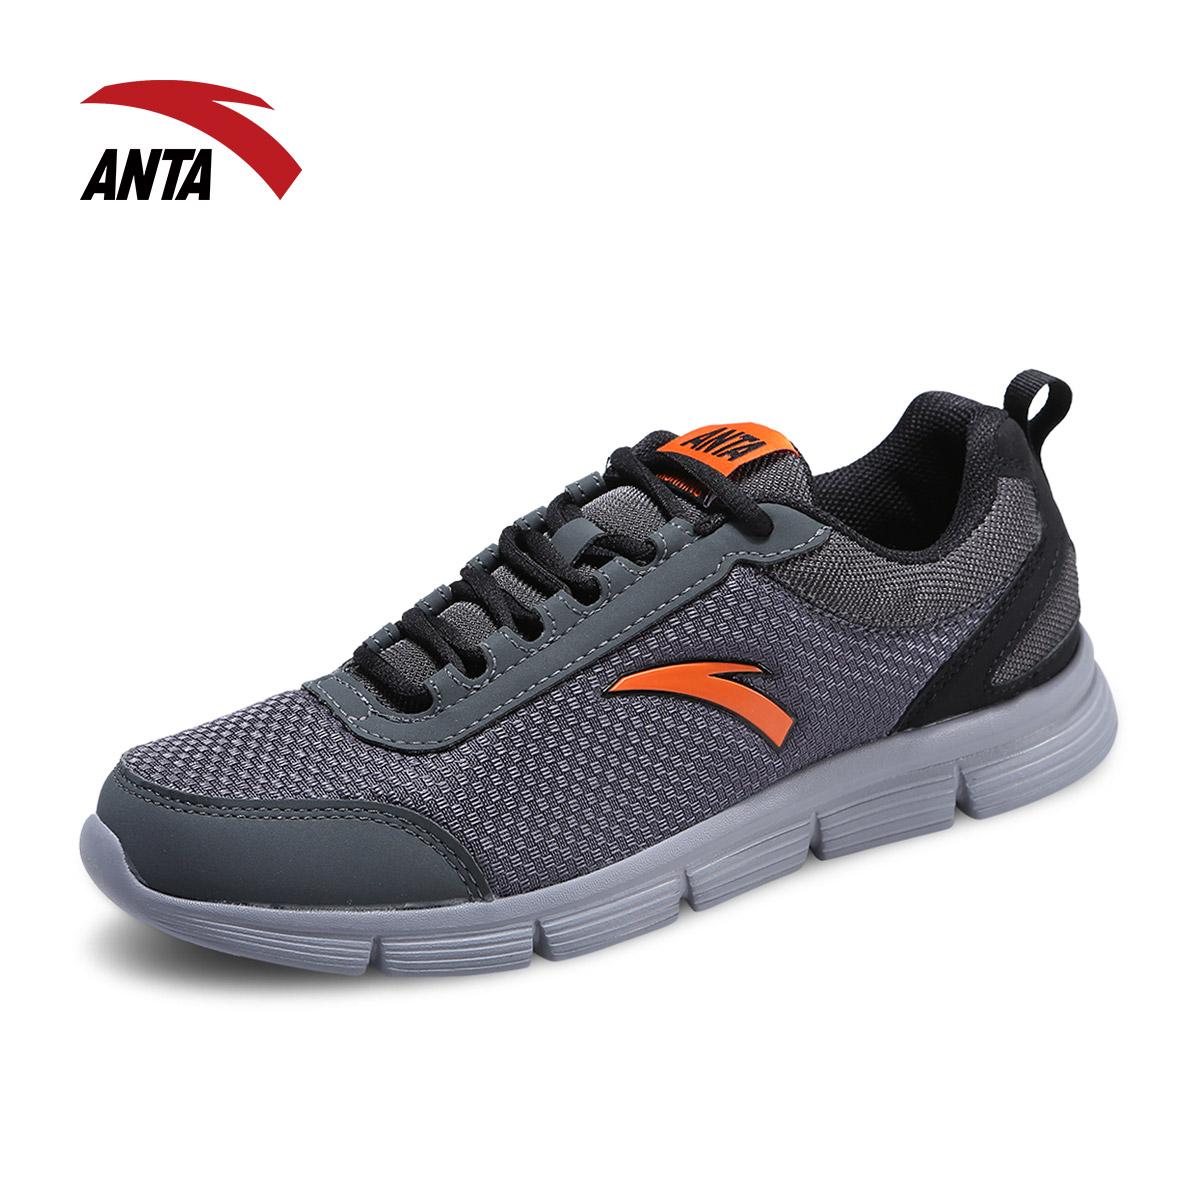 安踏跑步鞋 男鞋 正品2014秋季新款休闲鞋跑鞋 男运动鞋|91435541